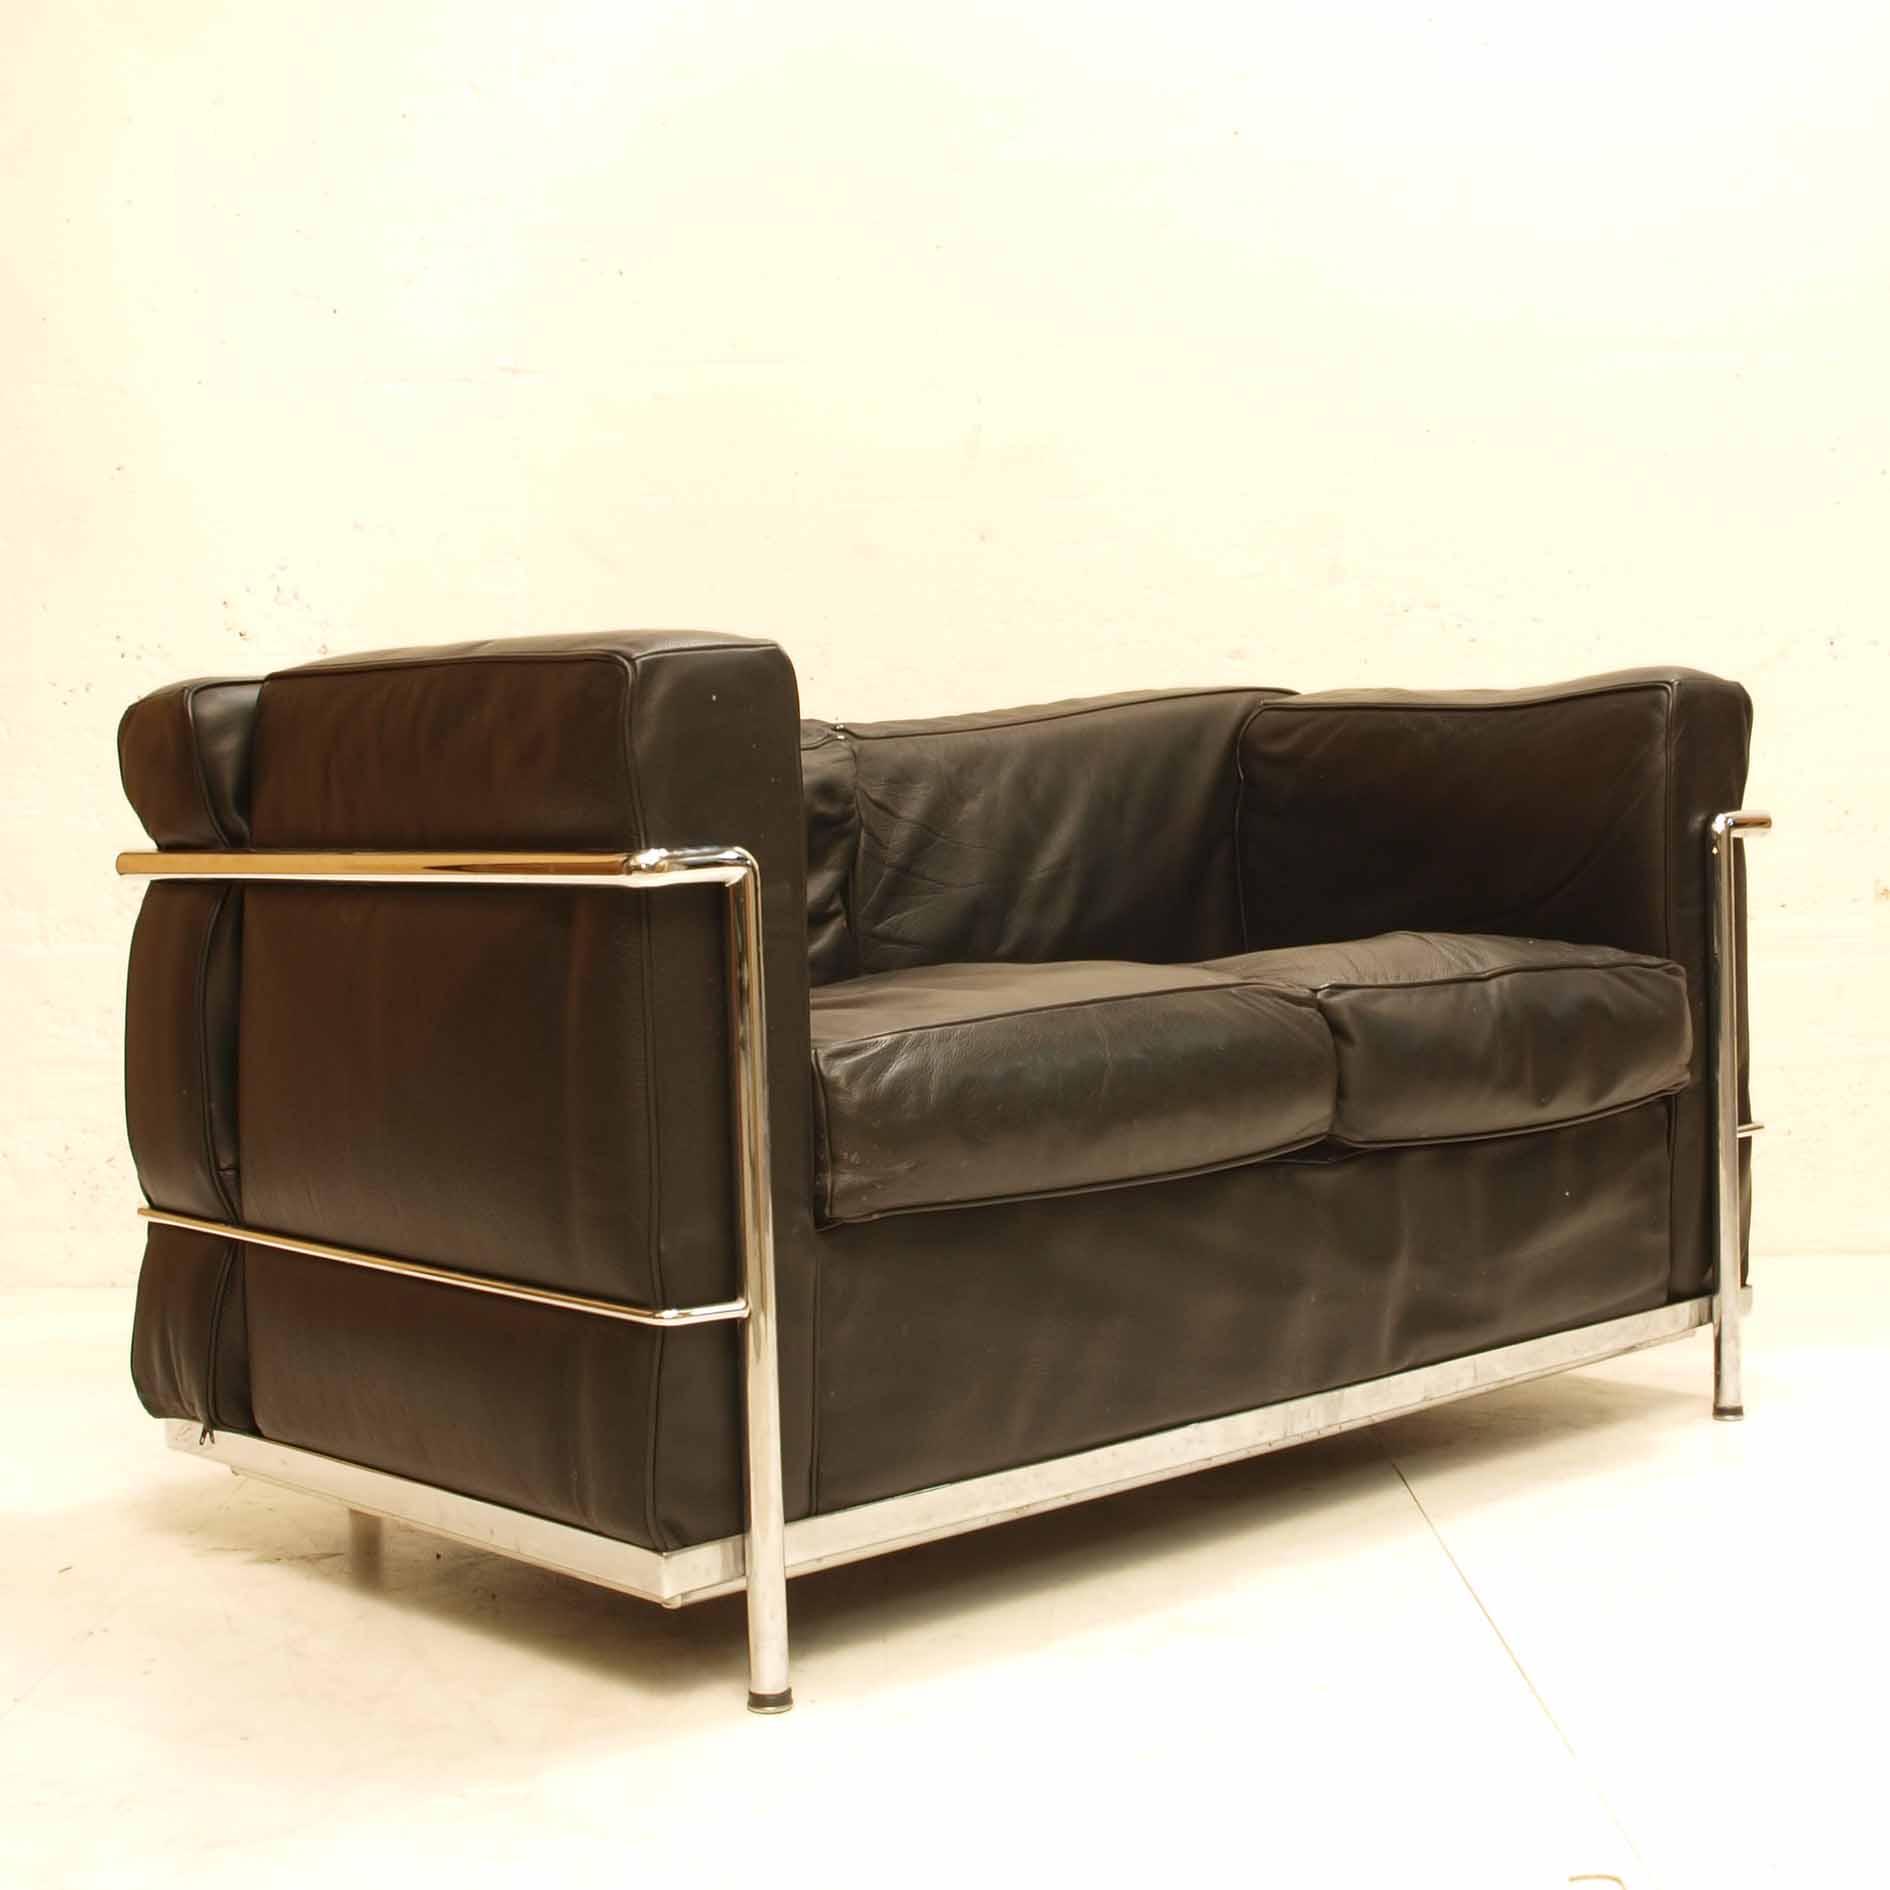 sofa corbusier kopie lc2 schwarzes leder m bel z rich vintagem bel. Black Bedroom Furniture Sets. Home Design Ideas